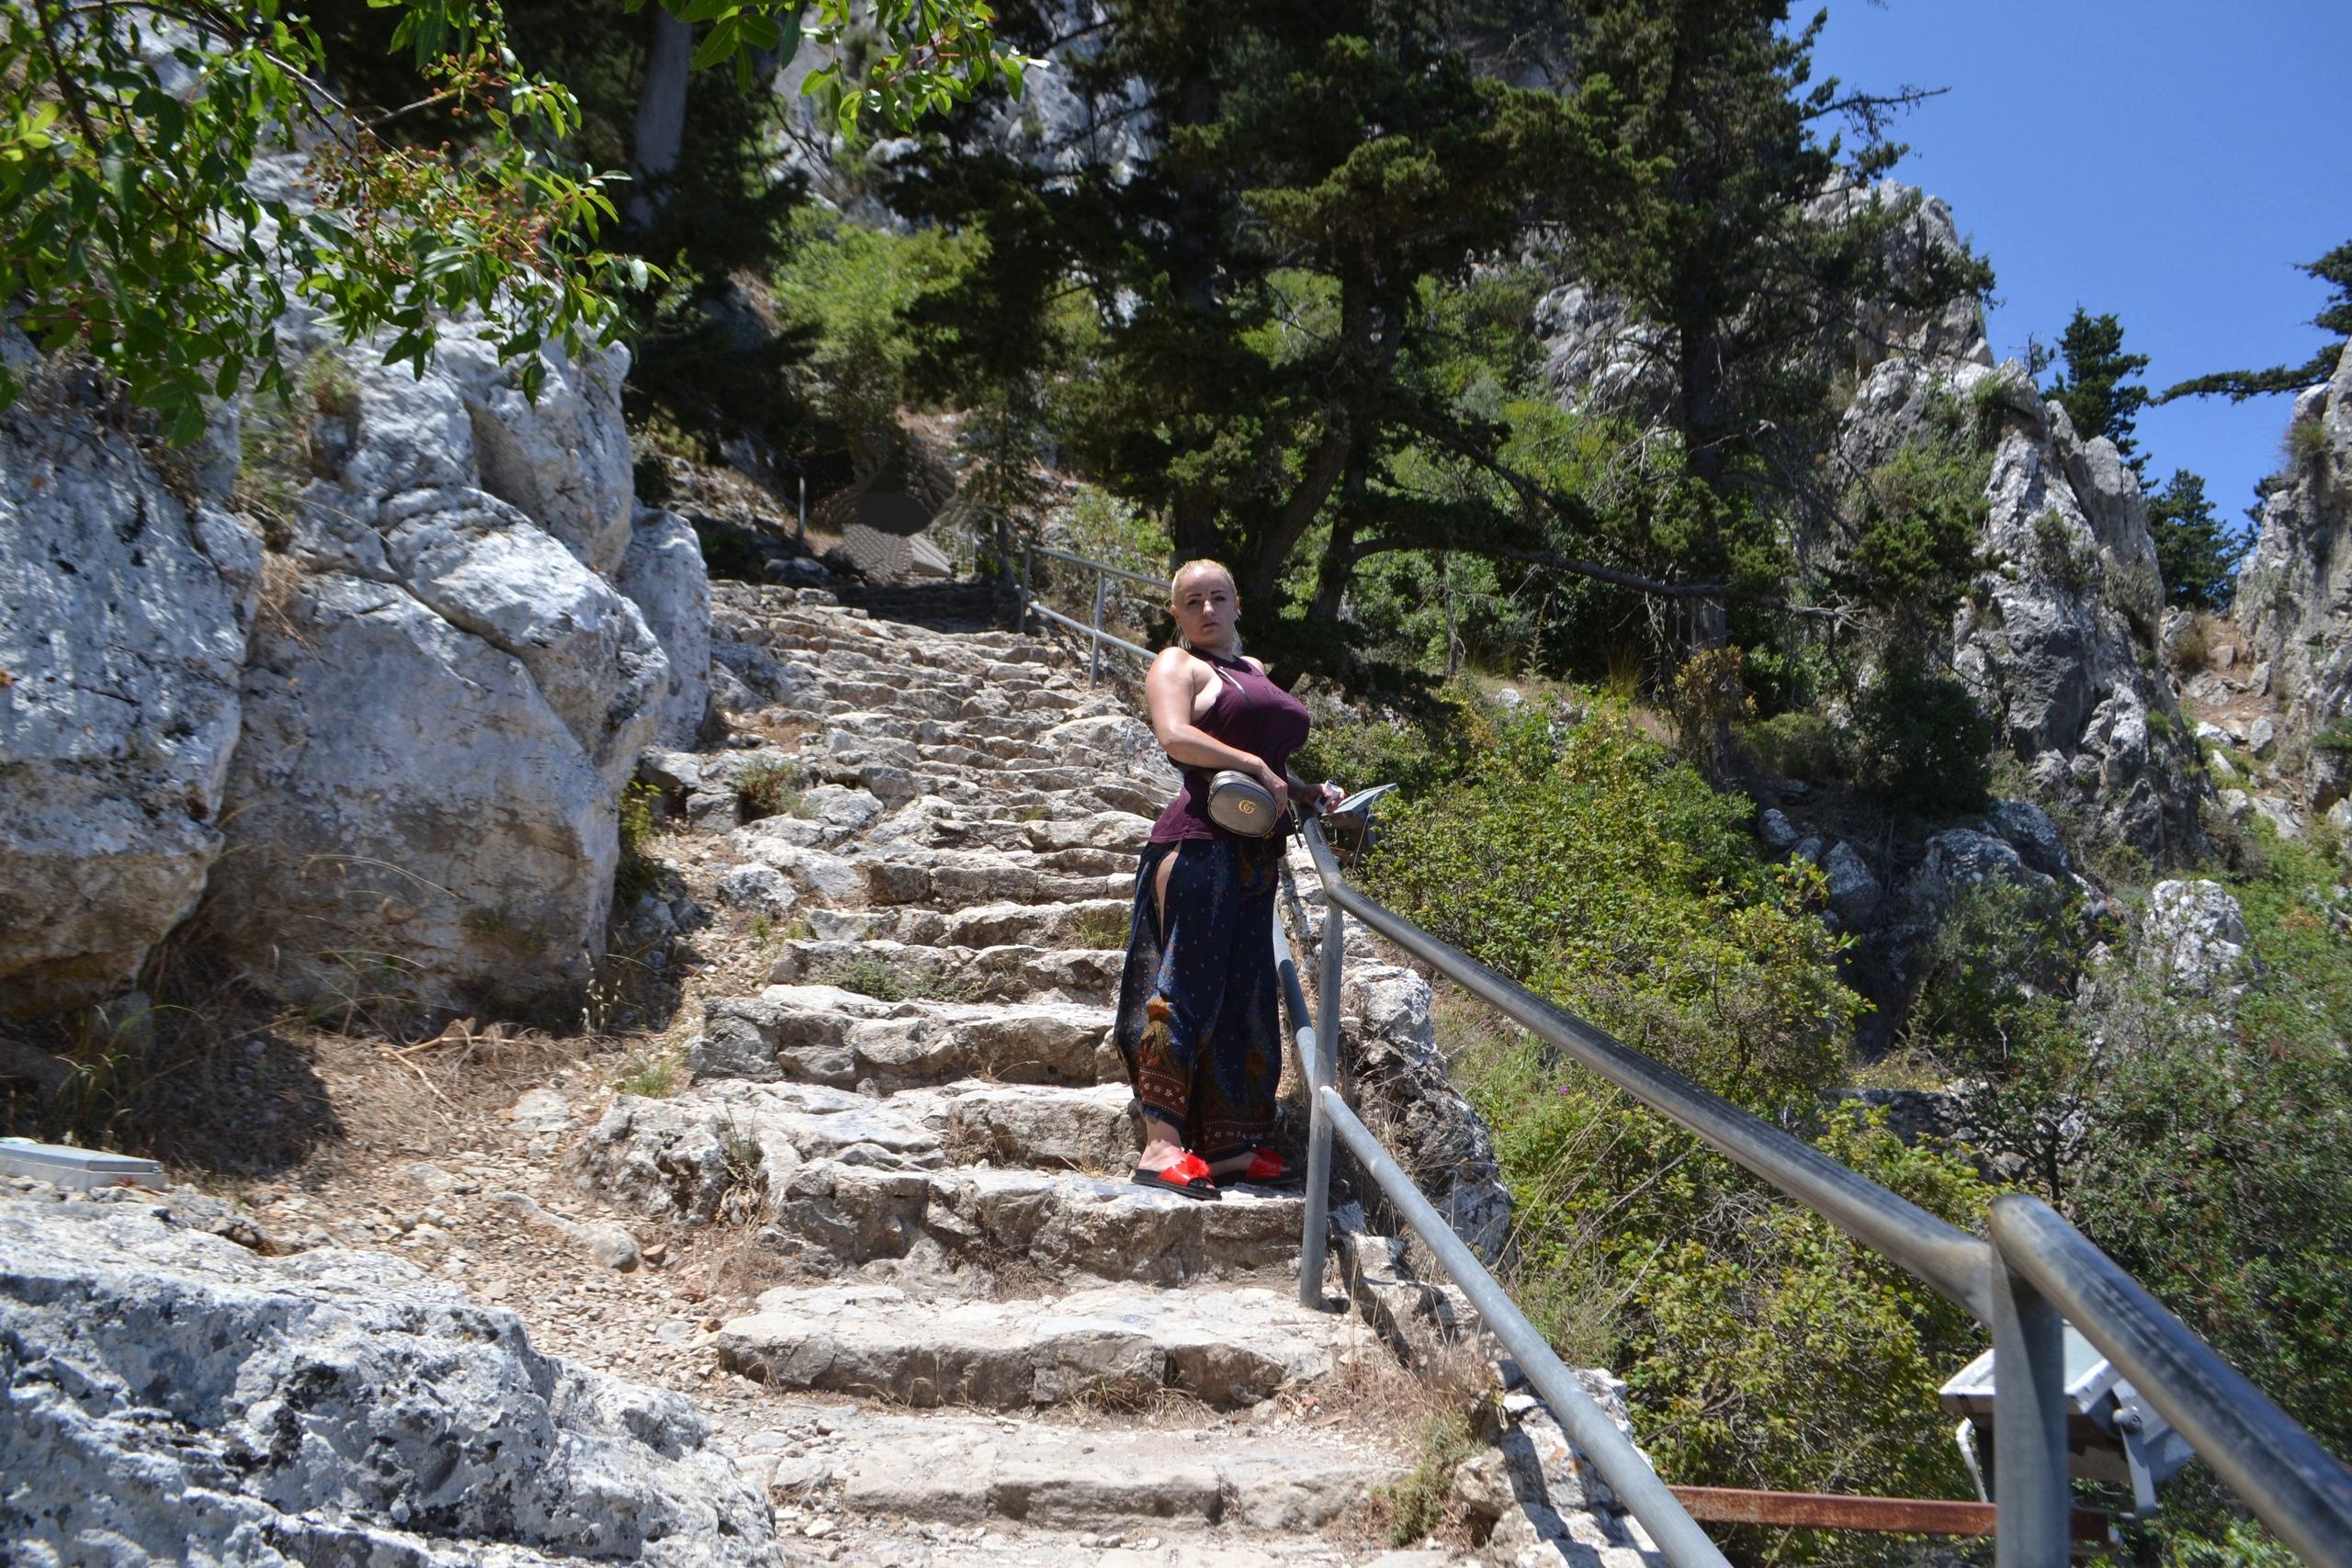 Северный Кипр. Замок Святого Иллариона. (фото). - Страница 2 K_ZpQlivTqg